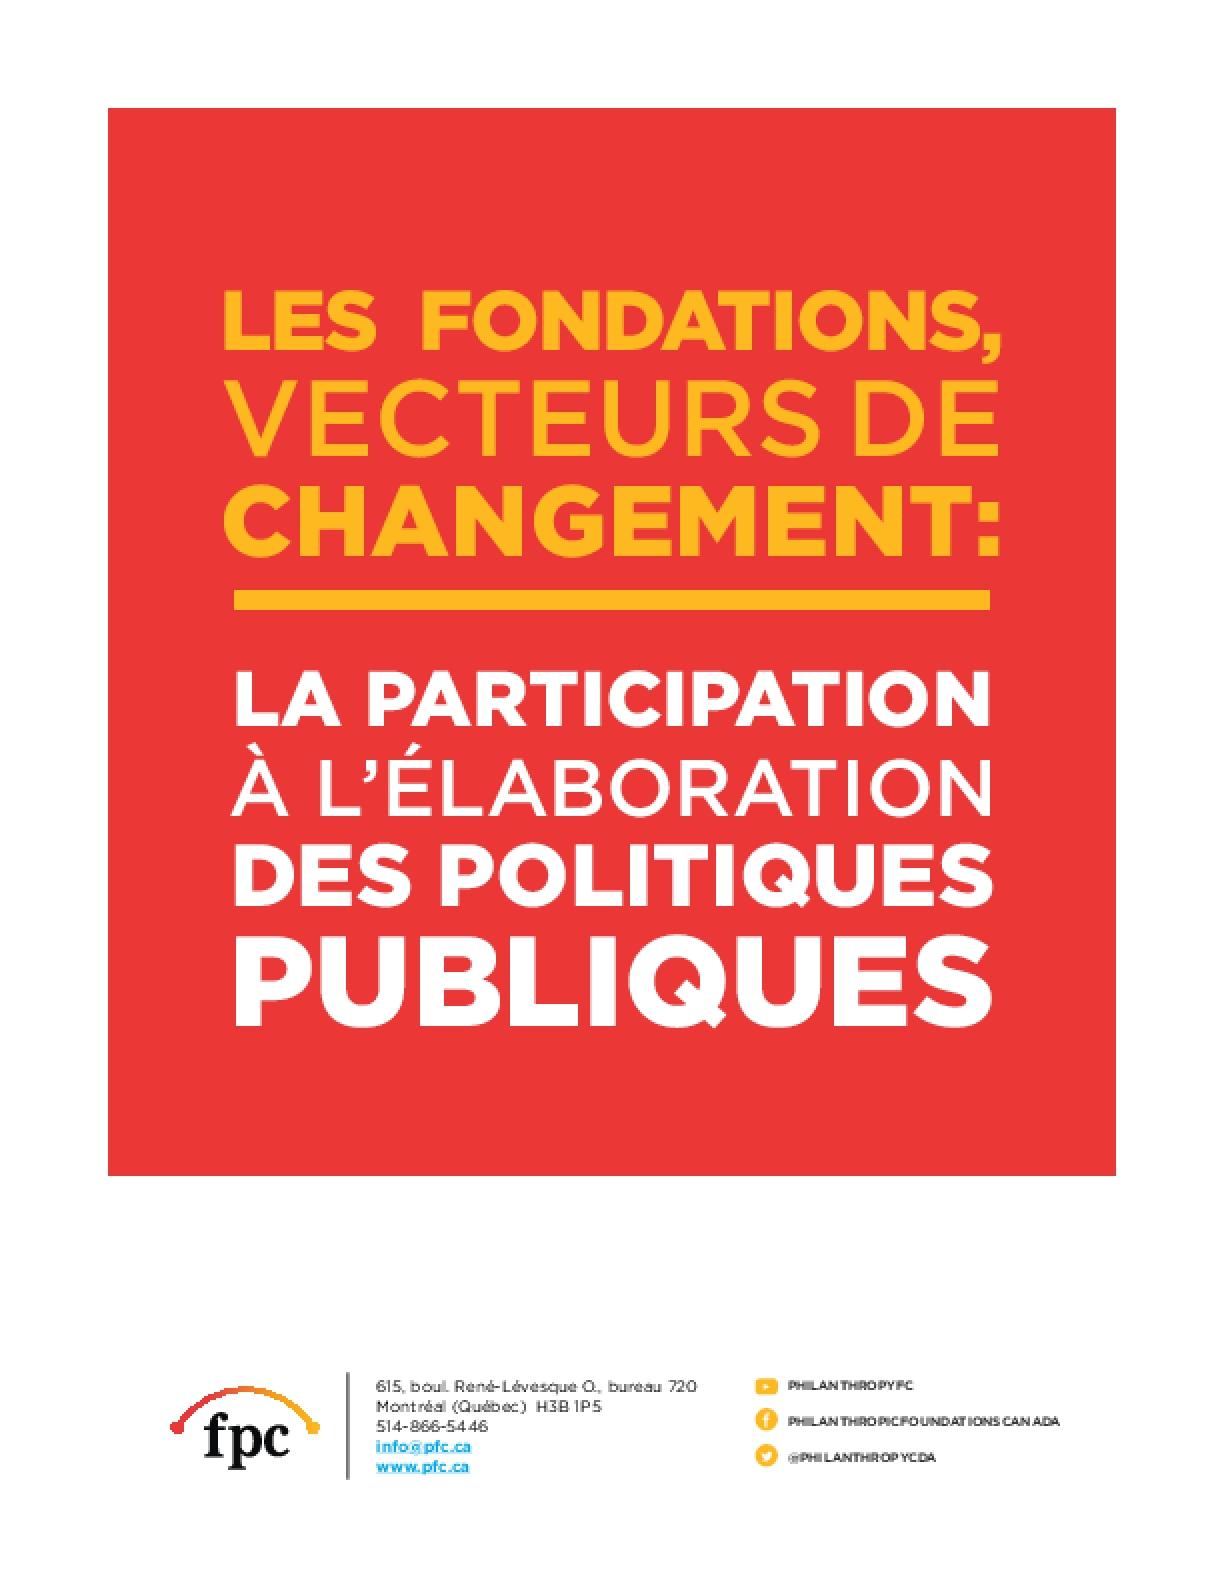 Les fondations, vecteurs de changement: la participation à l'élaboration des politiques publiques